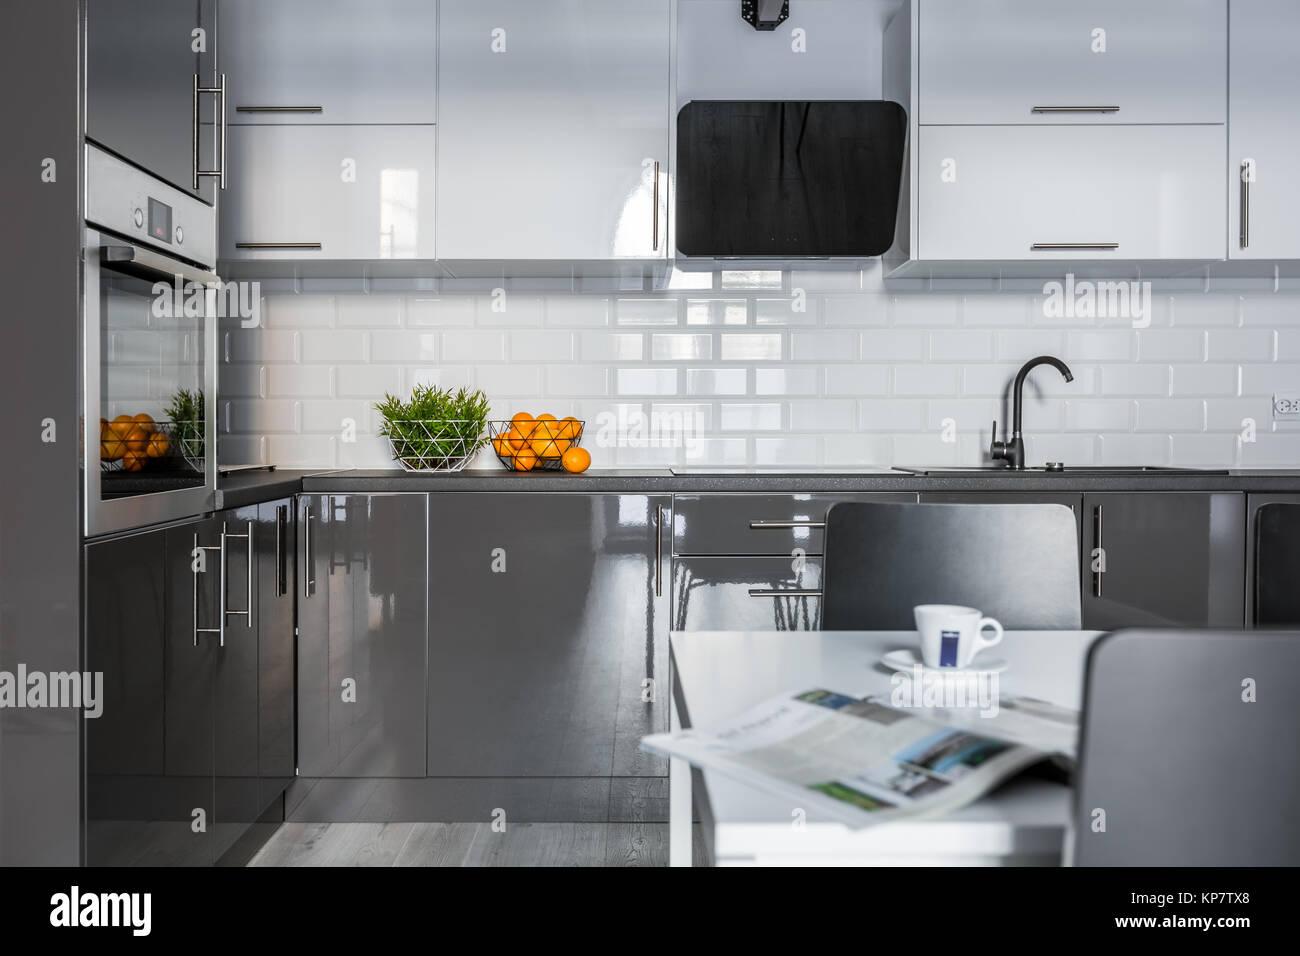 Super Hochglanz weiß und grau Schränke in der modernen Küche Stockfoto XN65